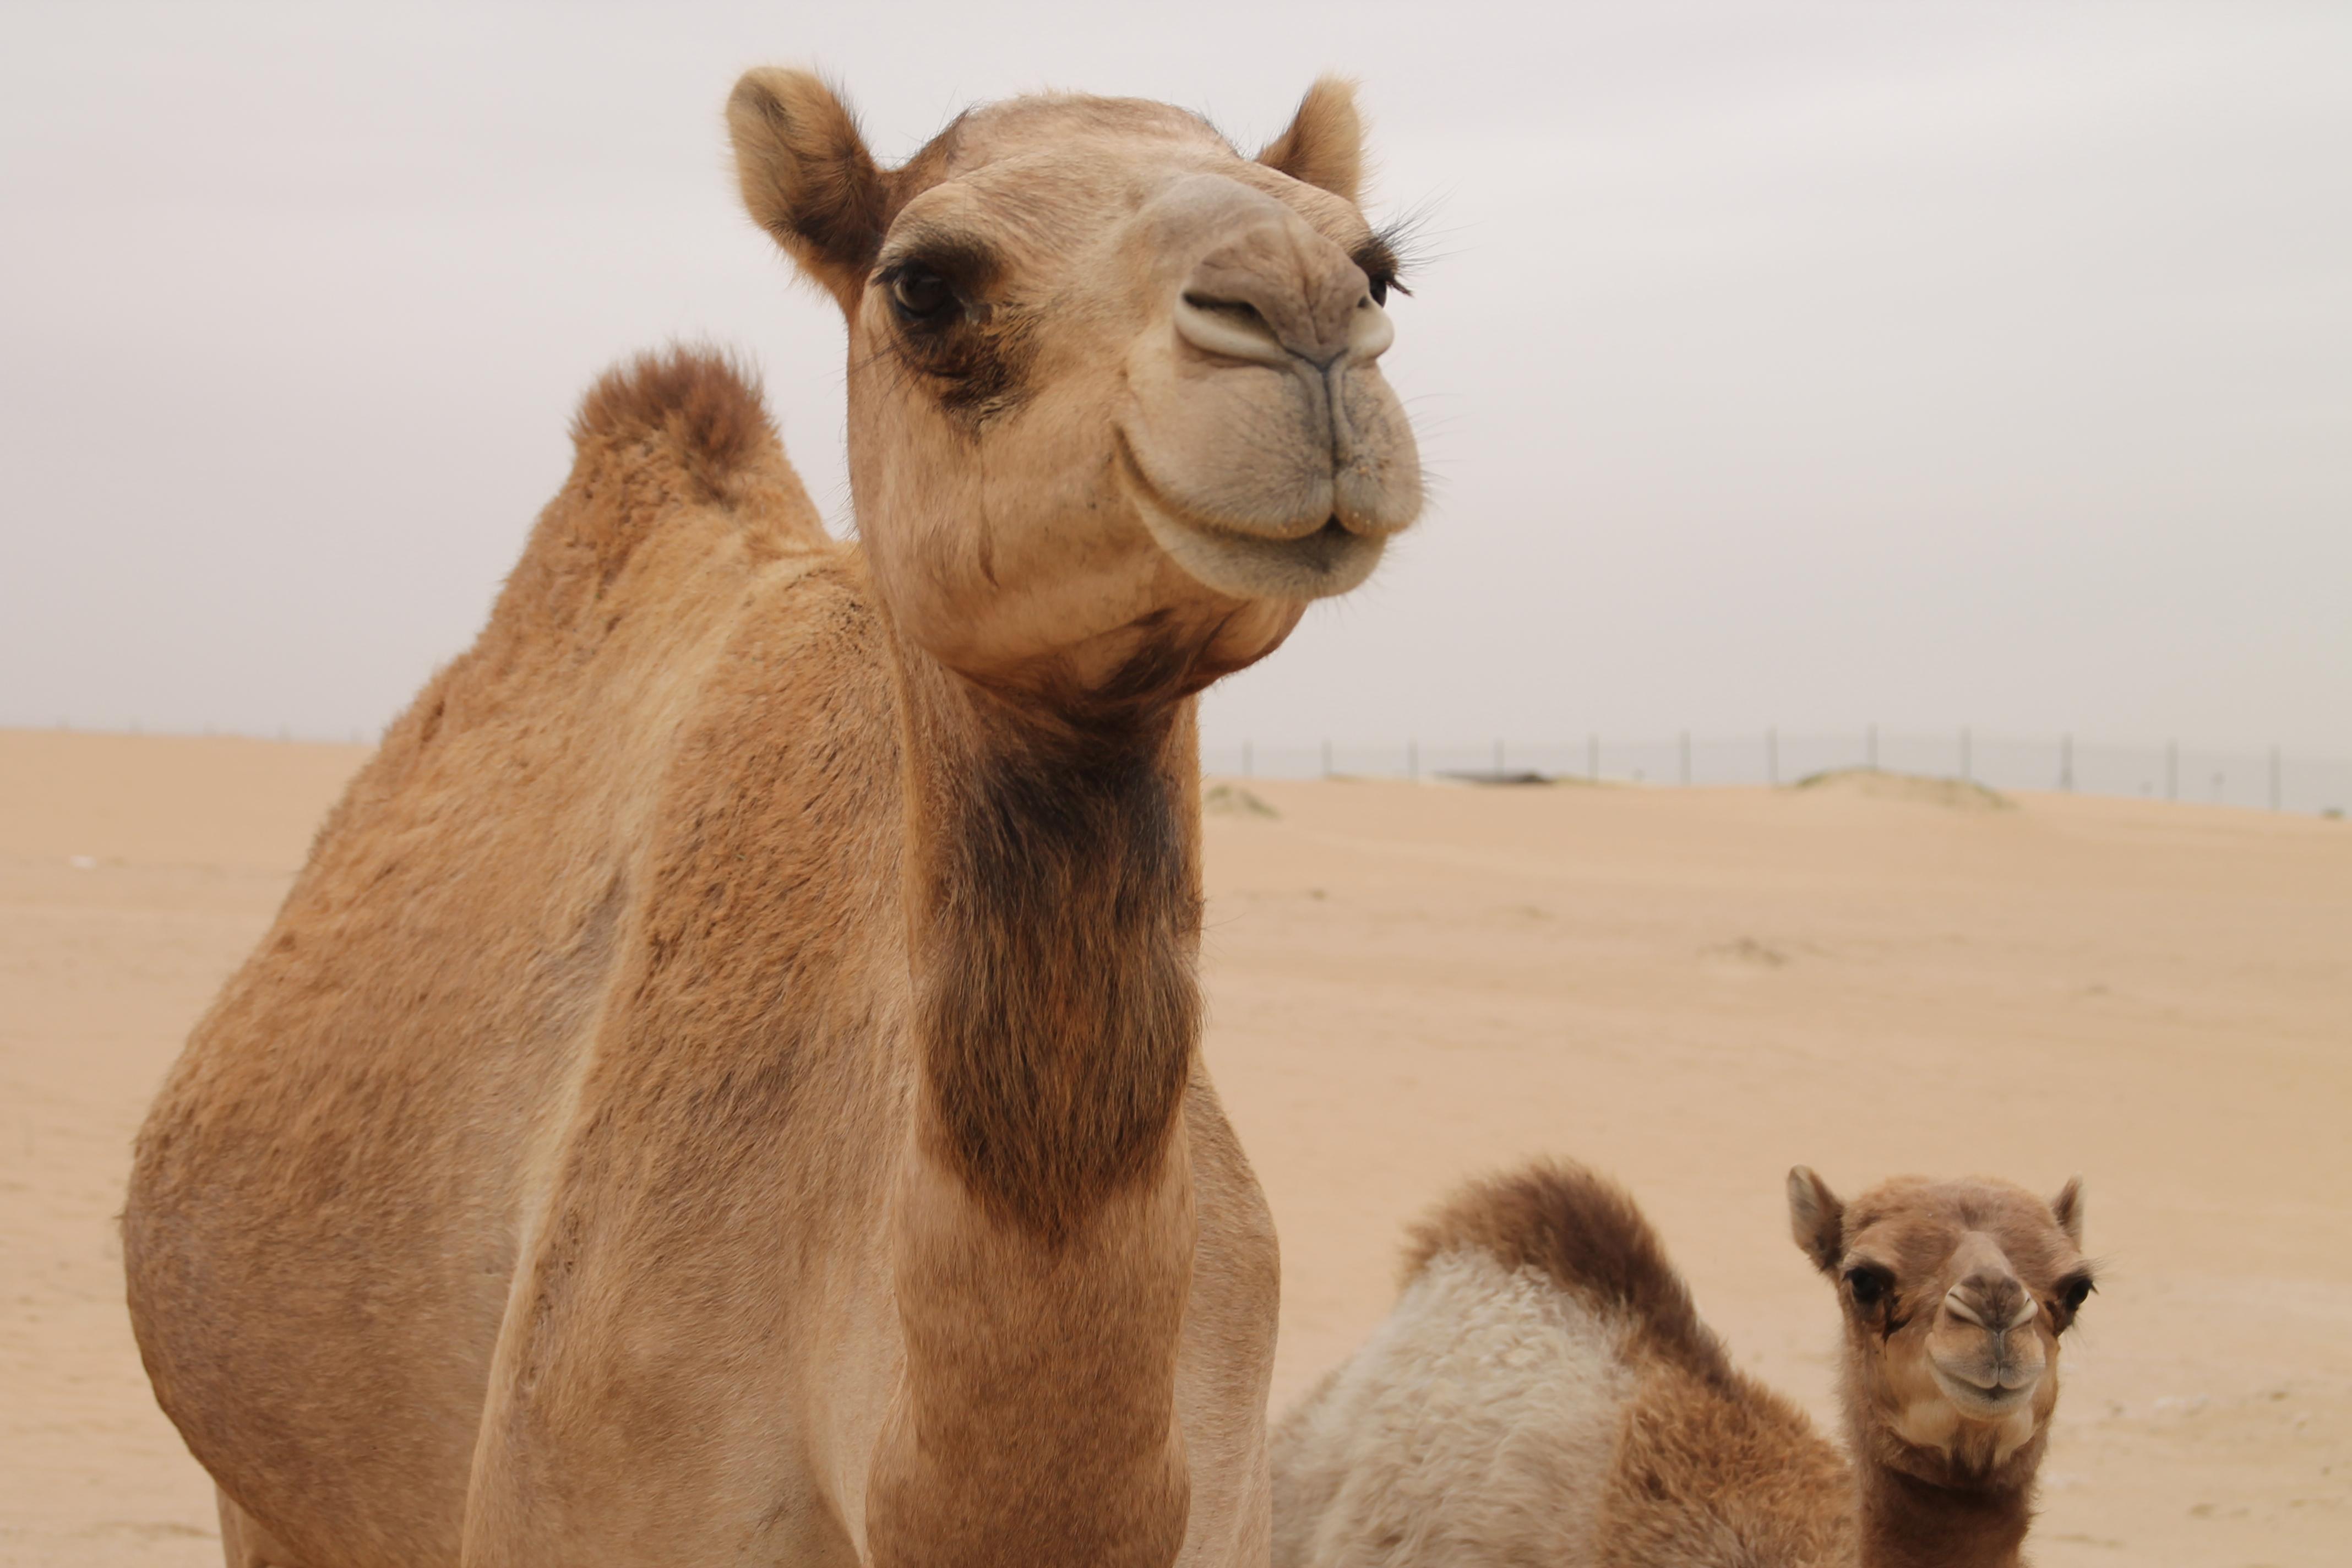 Camelos do deserto inspiram uma nova tecnologia de resfriamento